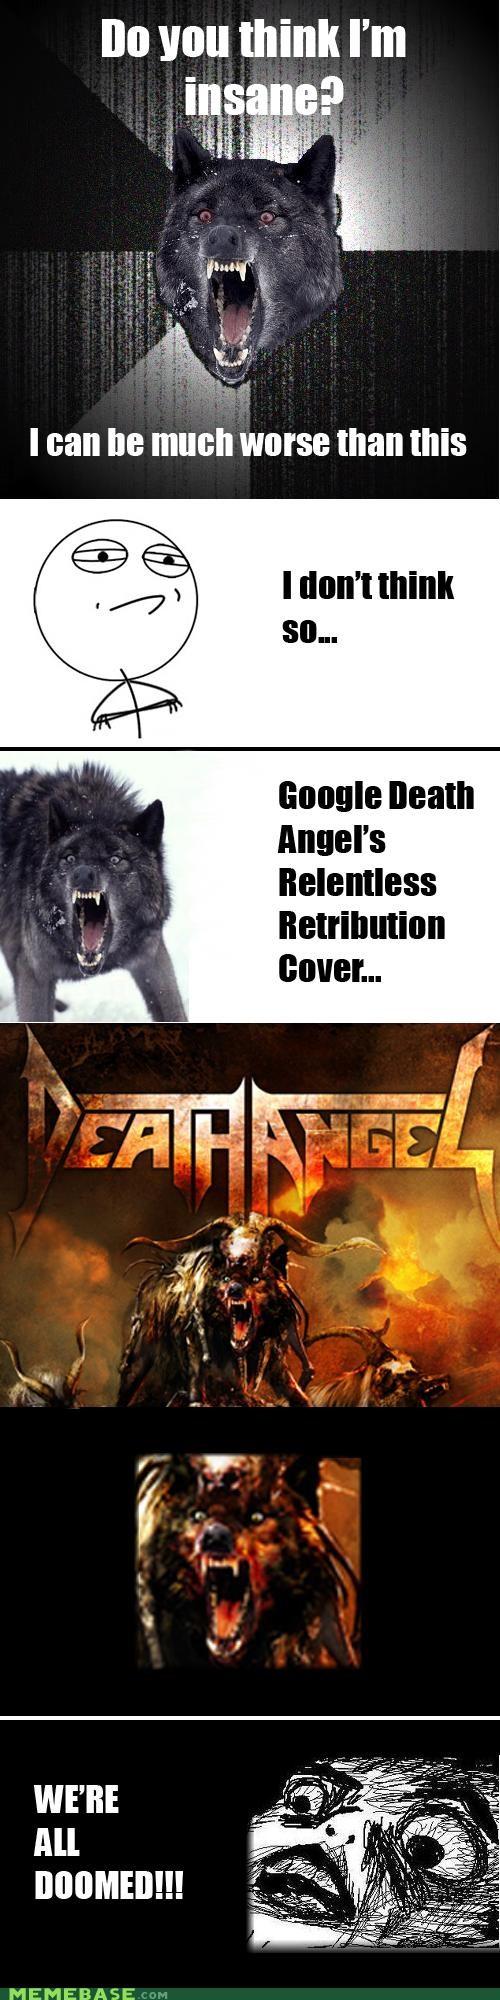 dare insanity metal - 4532540672